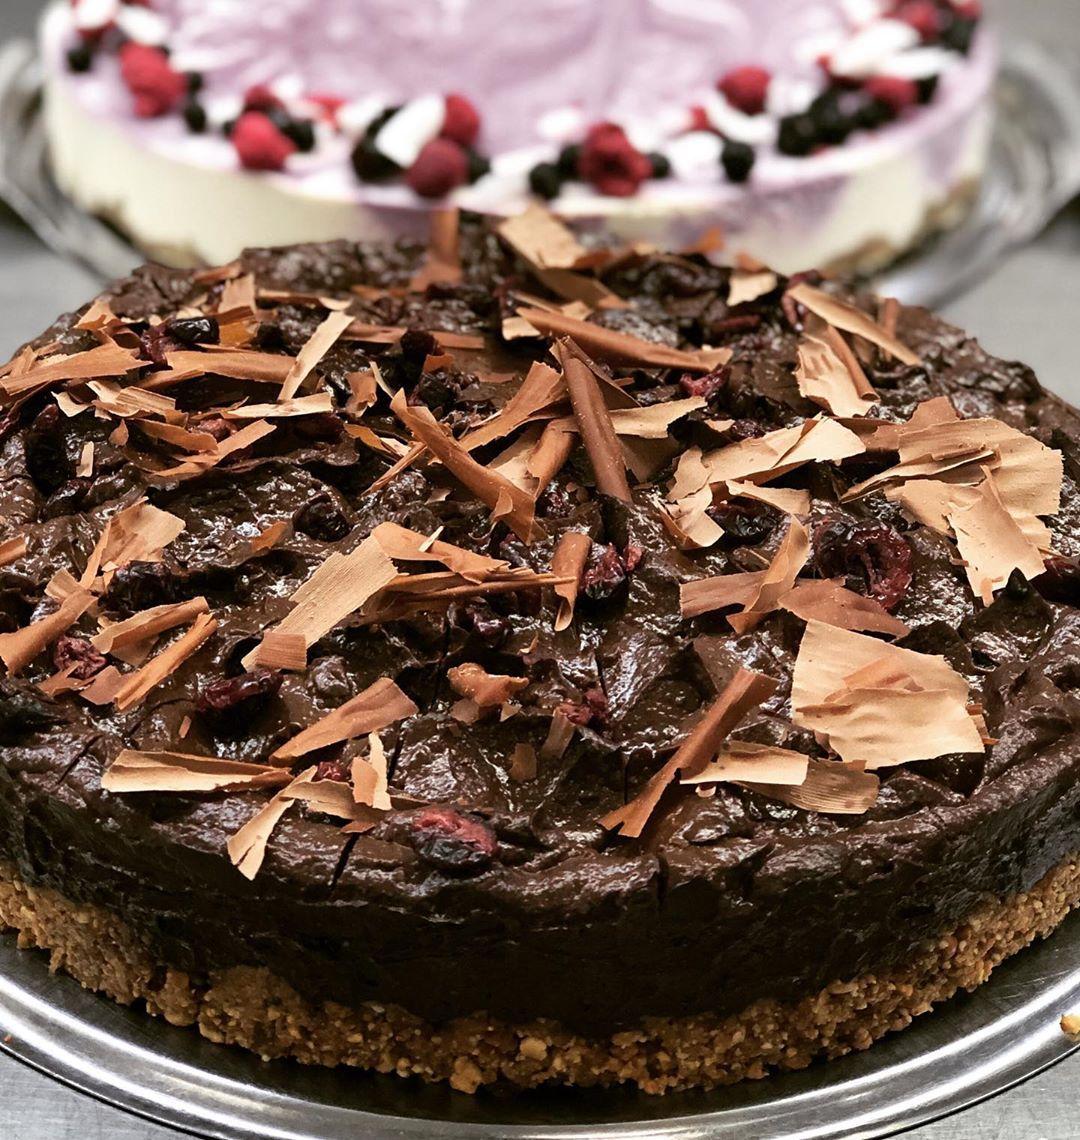 Heute gibts eine vegane Triologie... unseren Banane-Blaubeer-Schokoladen Klassiker, unsere Cheesecake mit Cassis und neu einen Schokomousse-Cranberry-Kuchen mit einem Haselnuss-Dattel Boden... Happy Weekend!